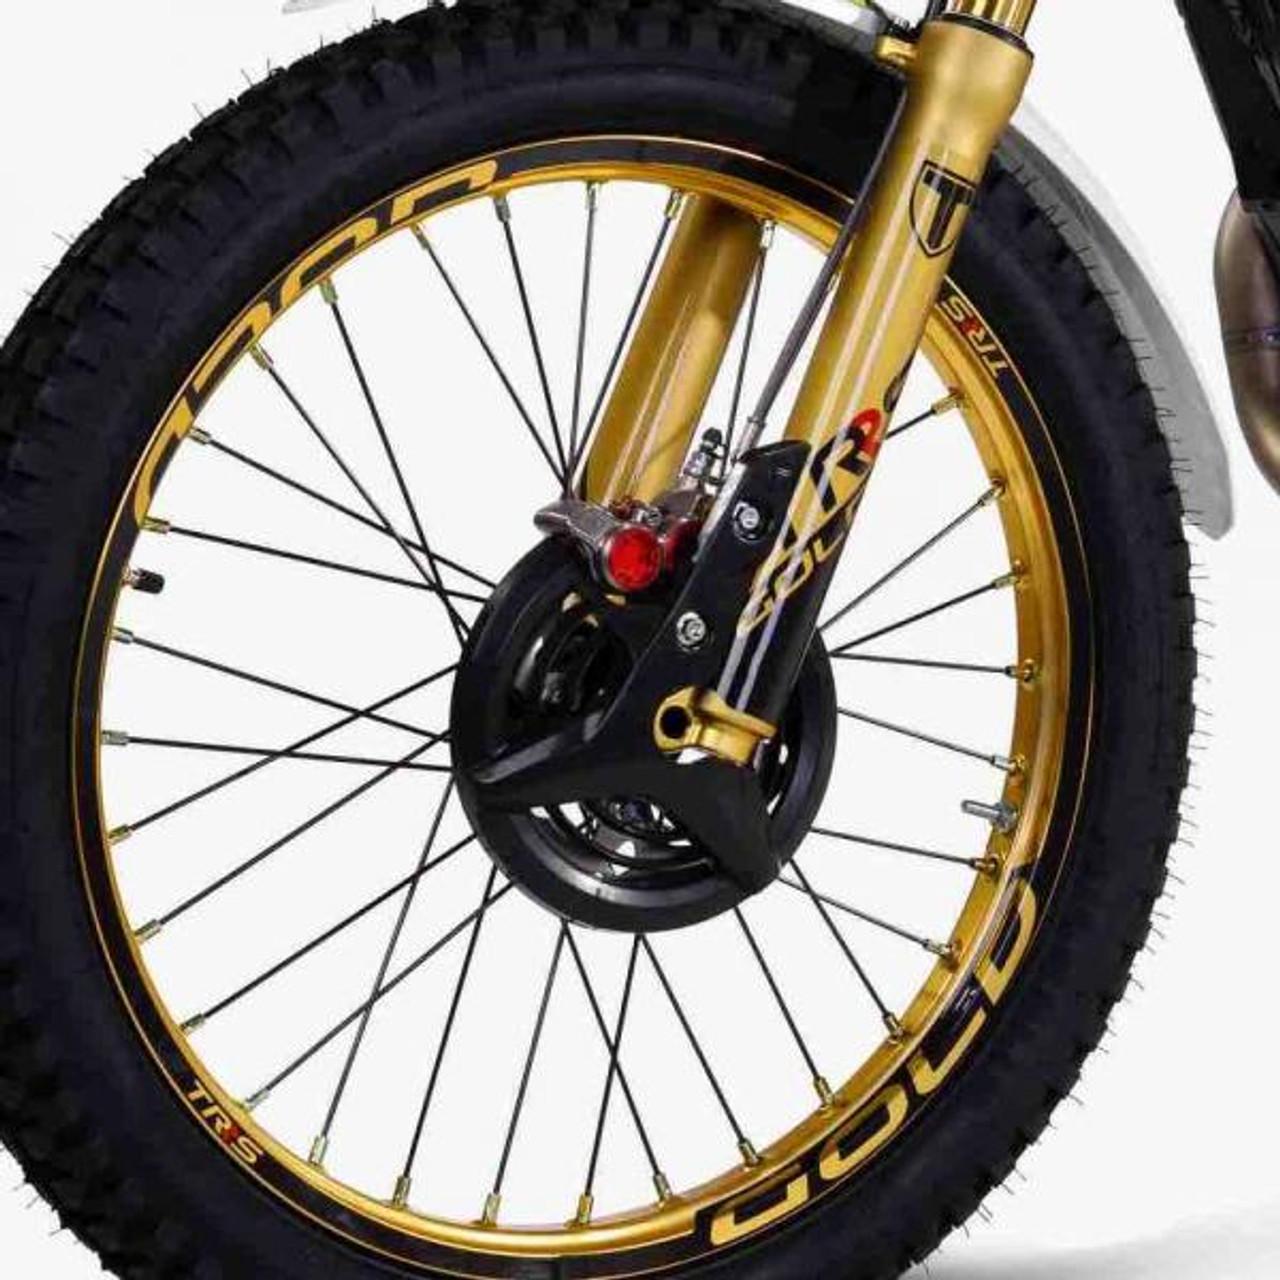 Braktec Front brake caliper 4 pistons monoblock